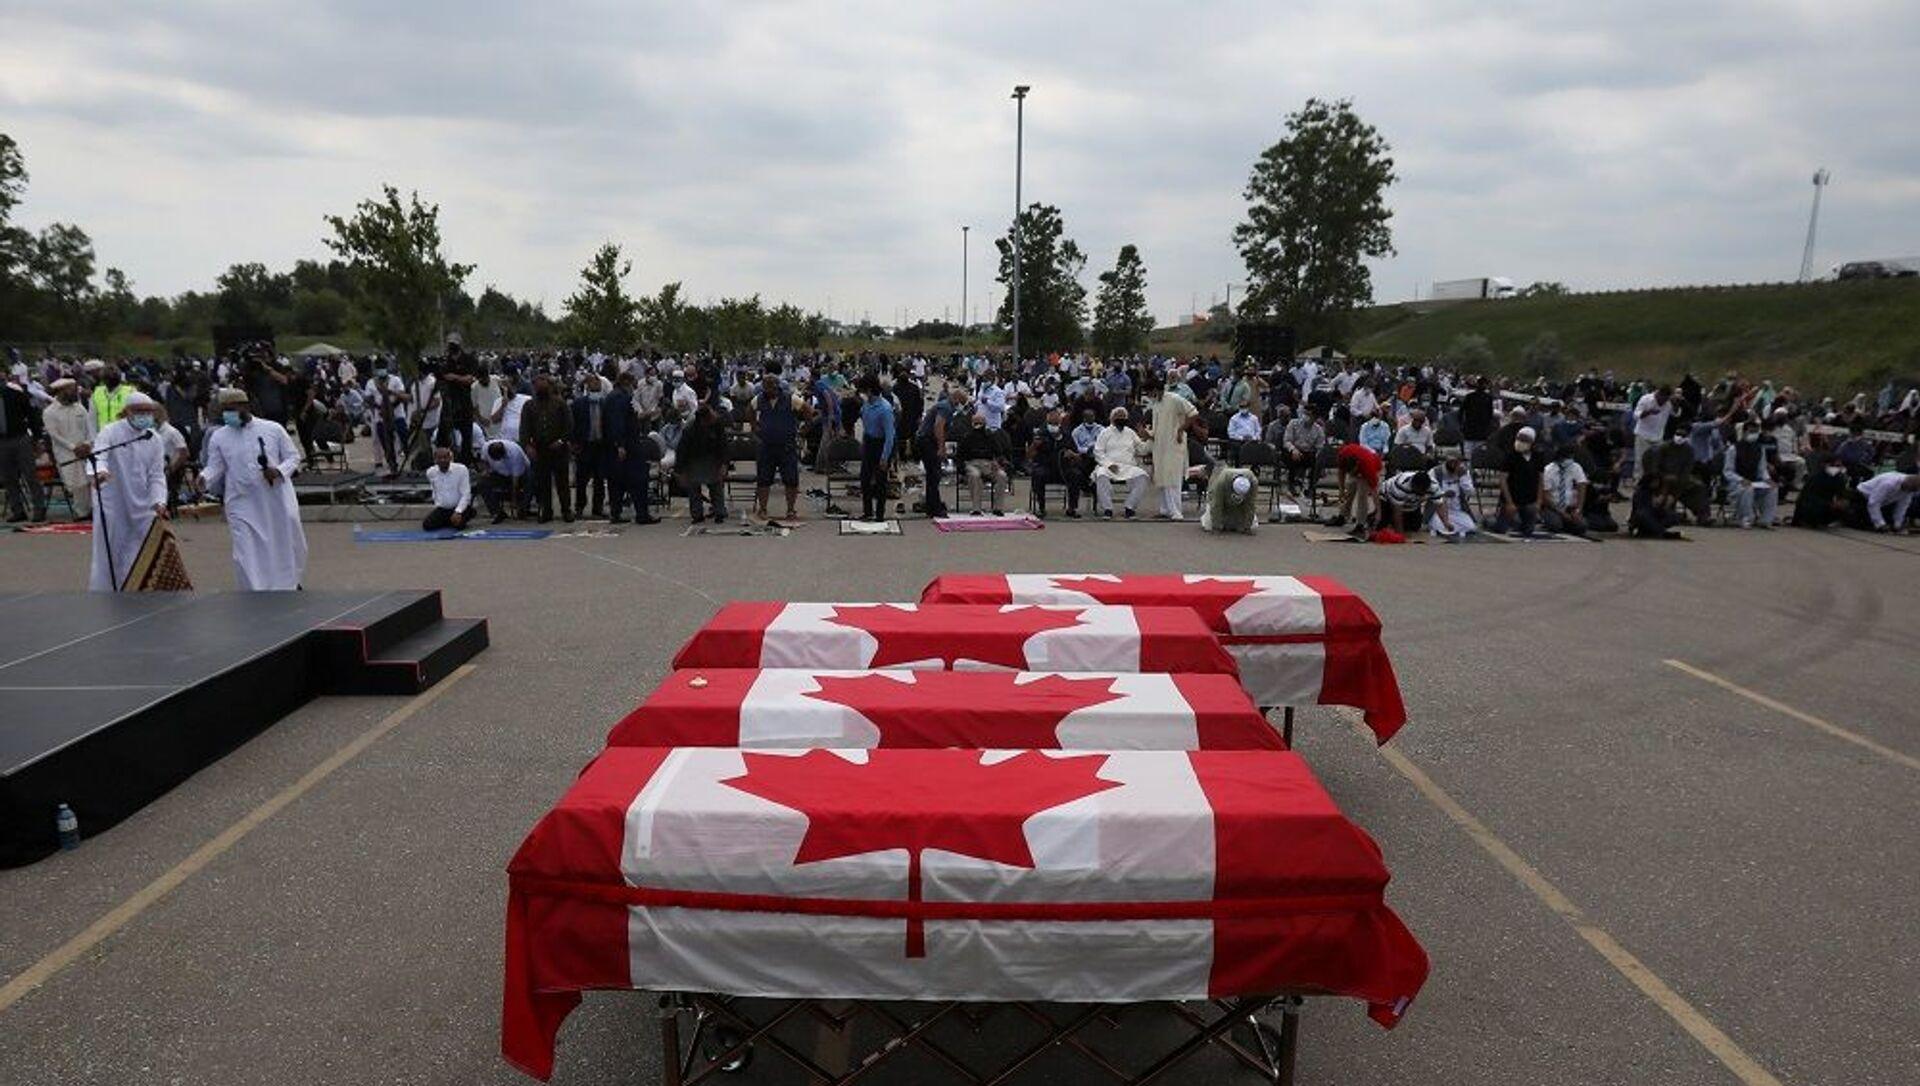 Kanada'da öldürülen Müslüman aile için cenaze töreni düzenlendi  - Sputnik Türkiye, 1920, 15.06.2021